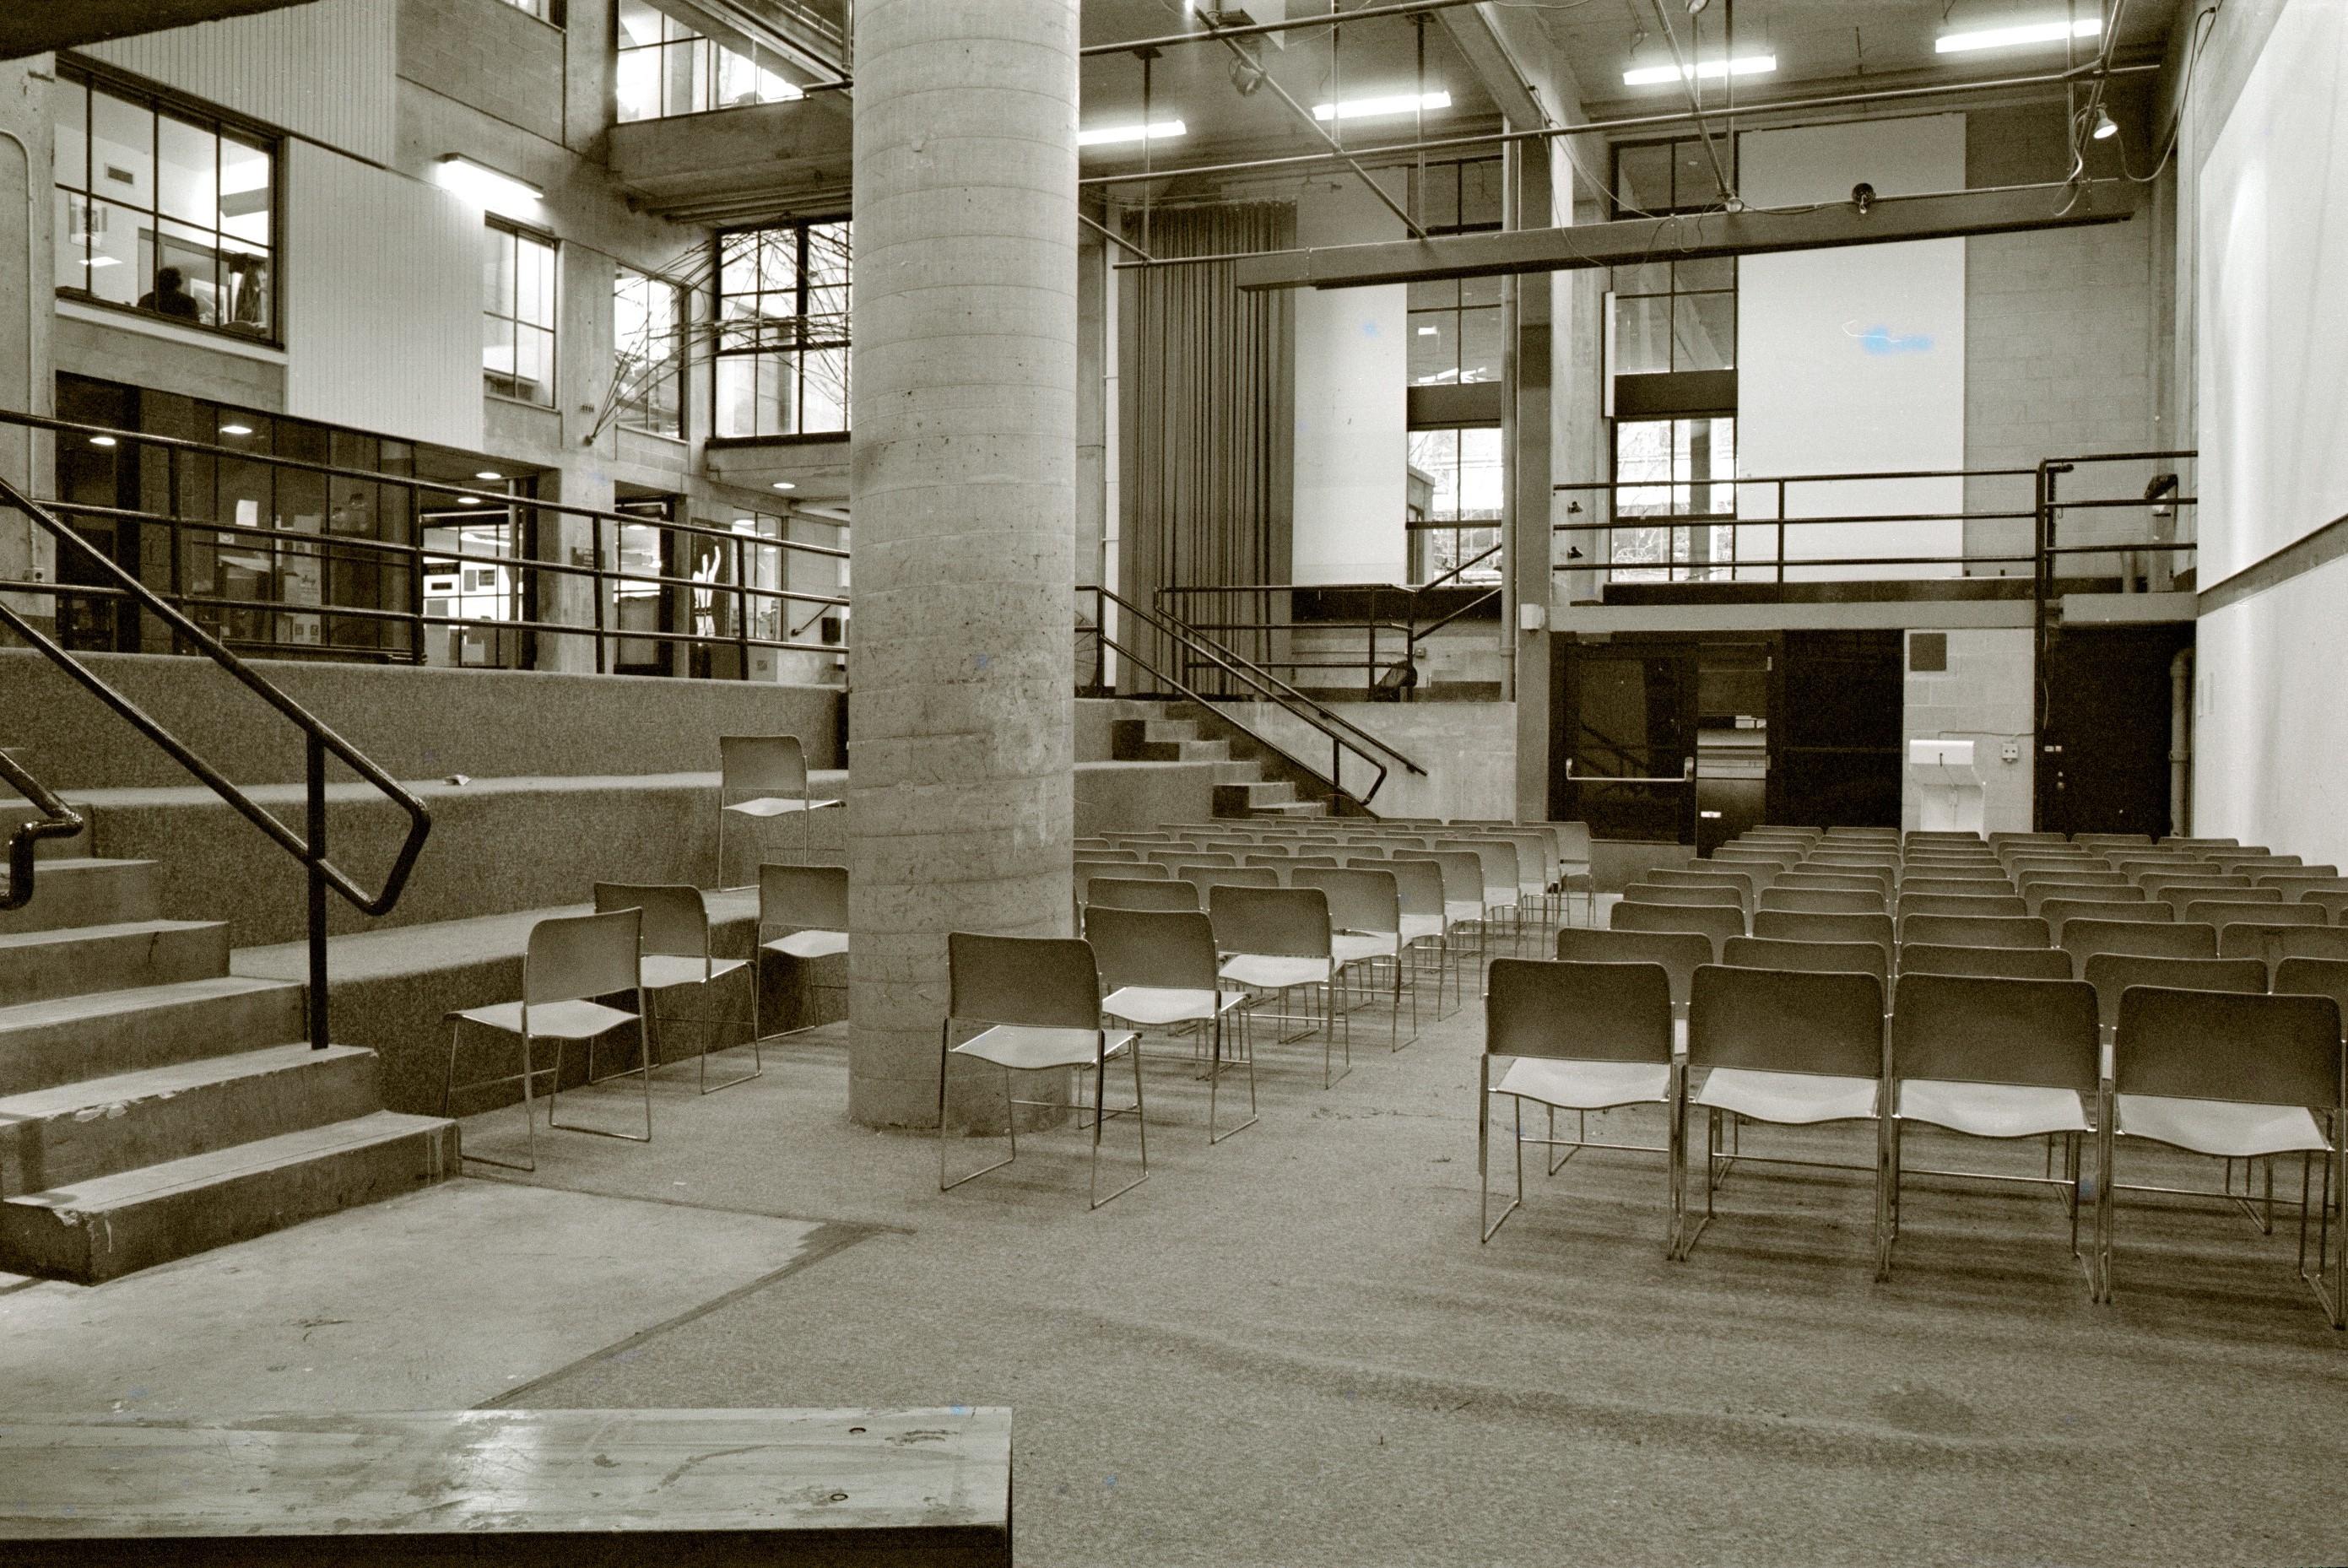 School interiors mid-90s-0004